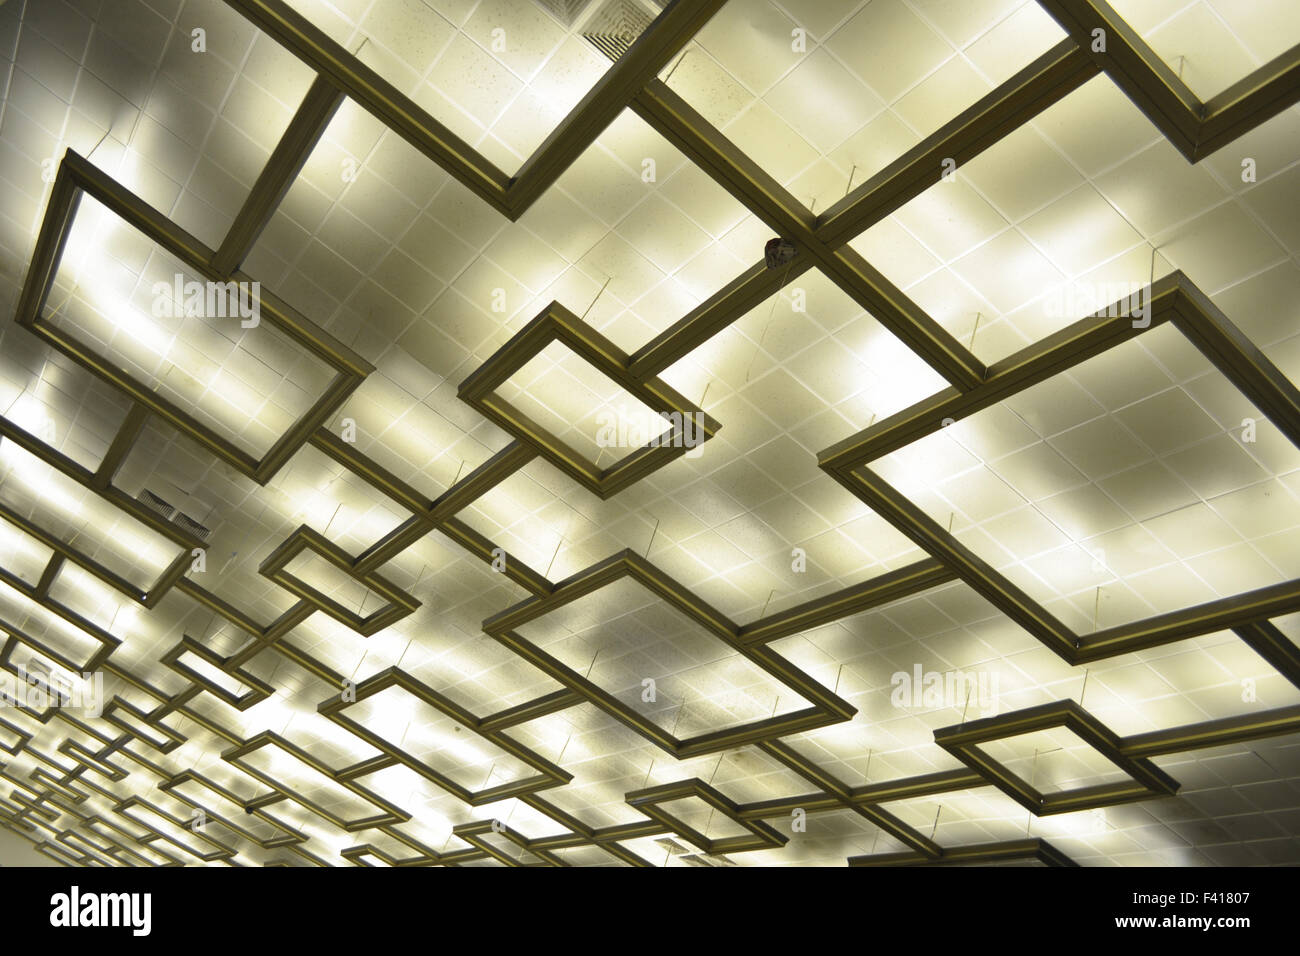 Decke Beleuchtung Stockbild